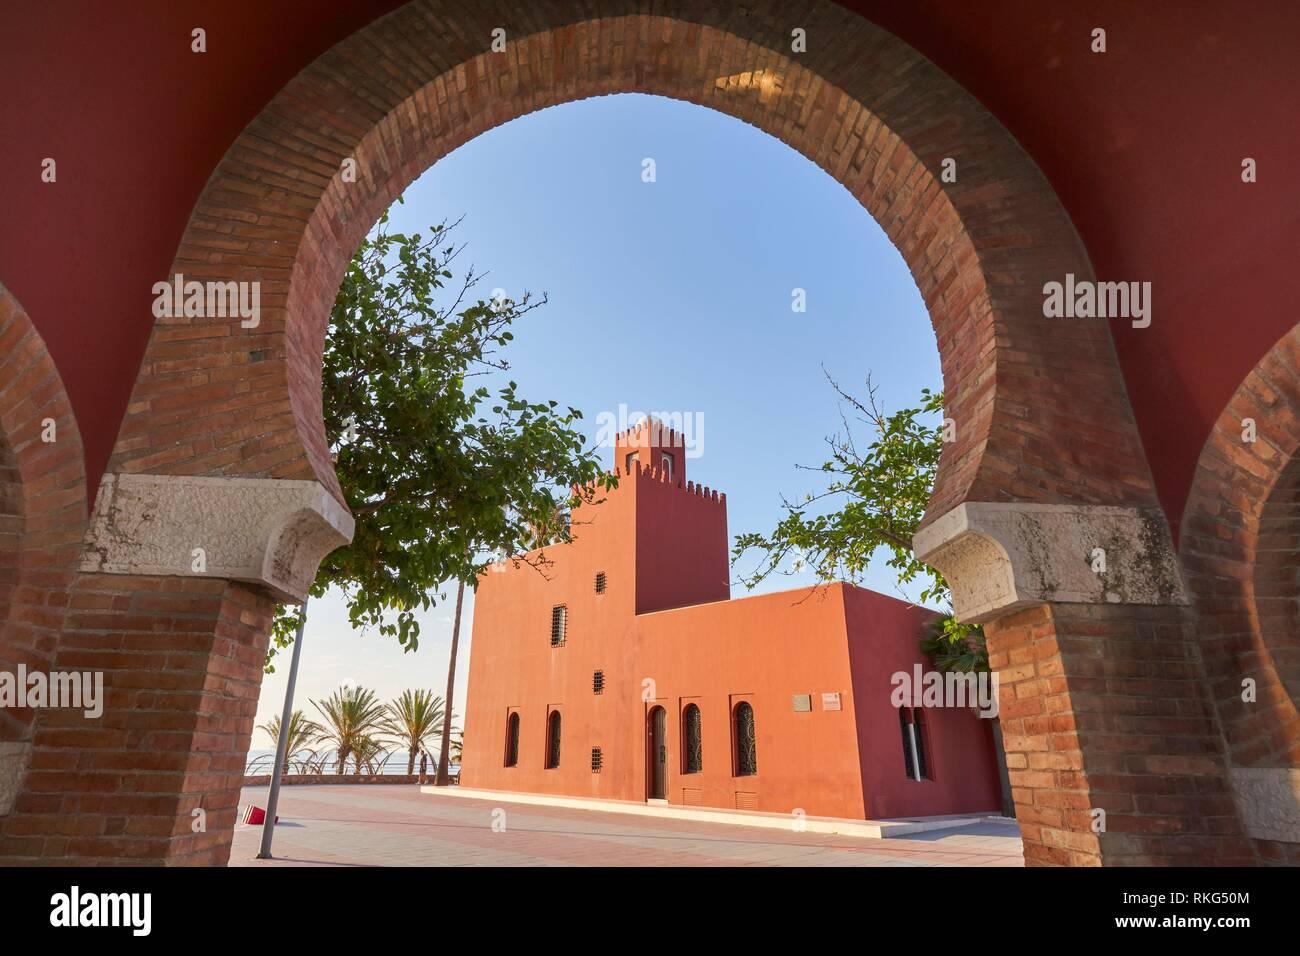 Cultural center of Benalmadena, Malaga. Bil Bil Castle. - Stock Image